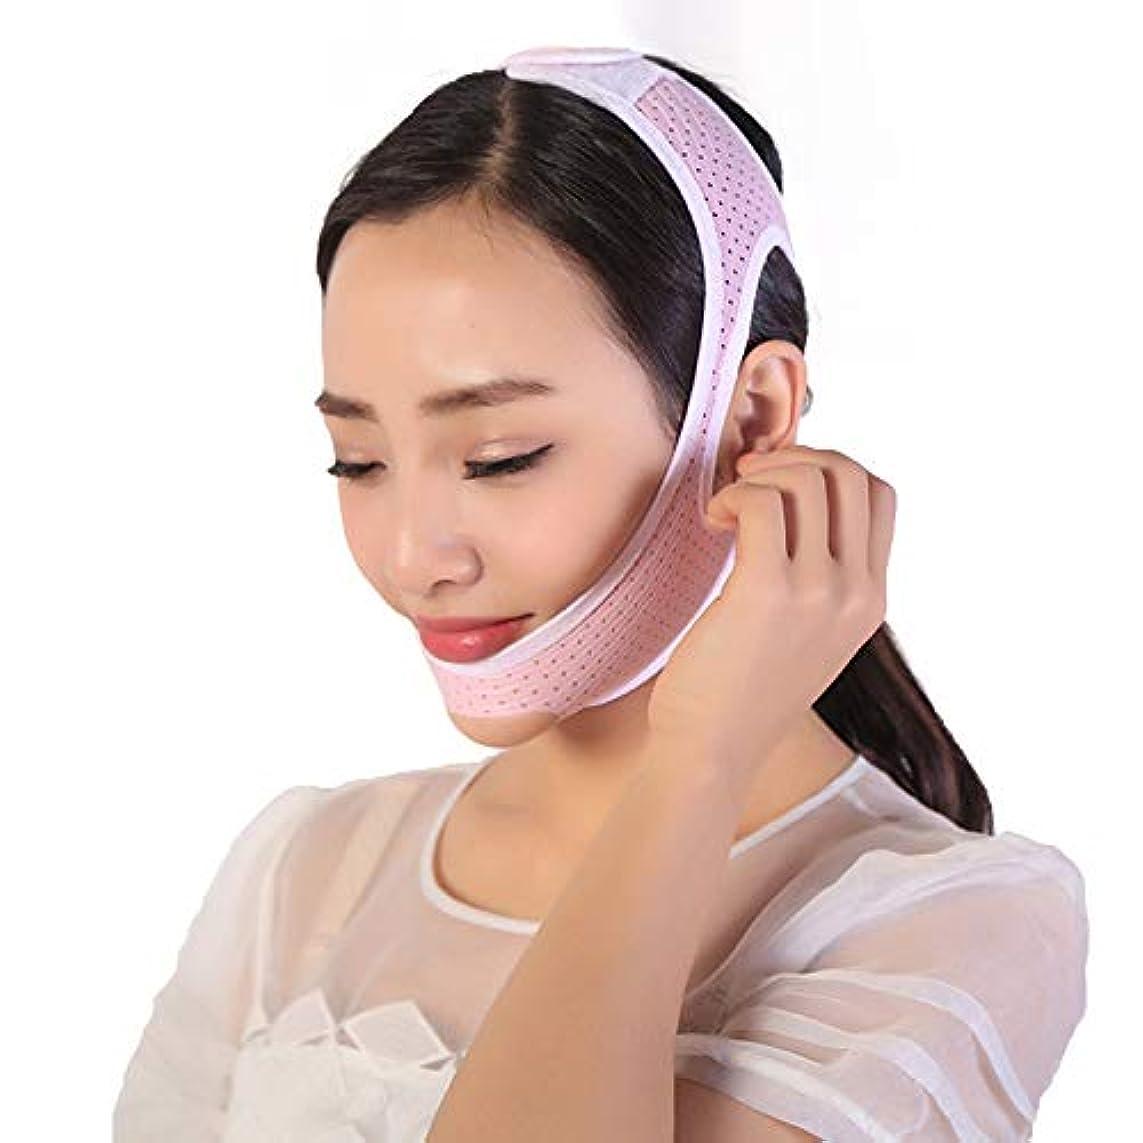 攻撃的同情酸素GYZ フェイシャルリフティングスリミングベルト - 薄型フェイス包帯ダブルチンデバイスフェイシャルマッサージアンチエイジングリンクルフェイスマスクベルト Thin Face Belt (Size : L)